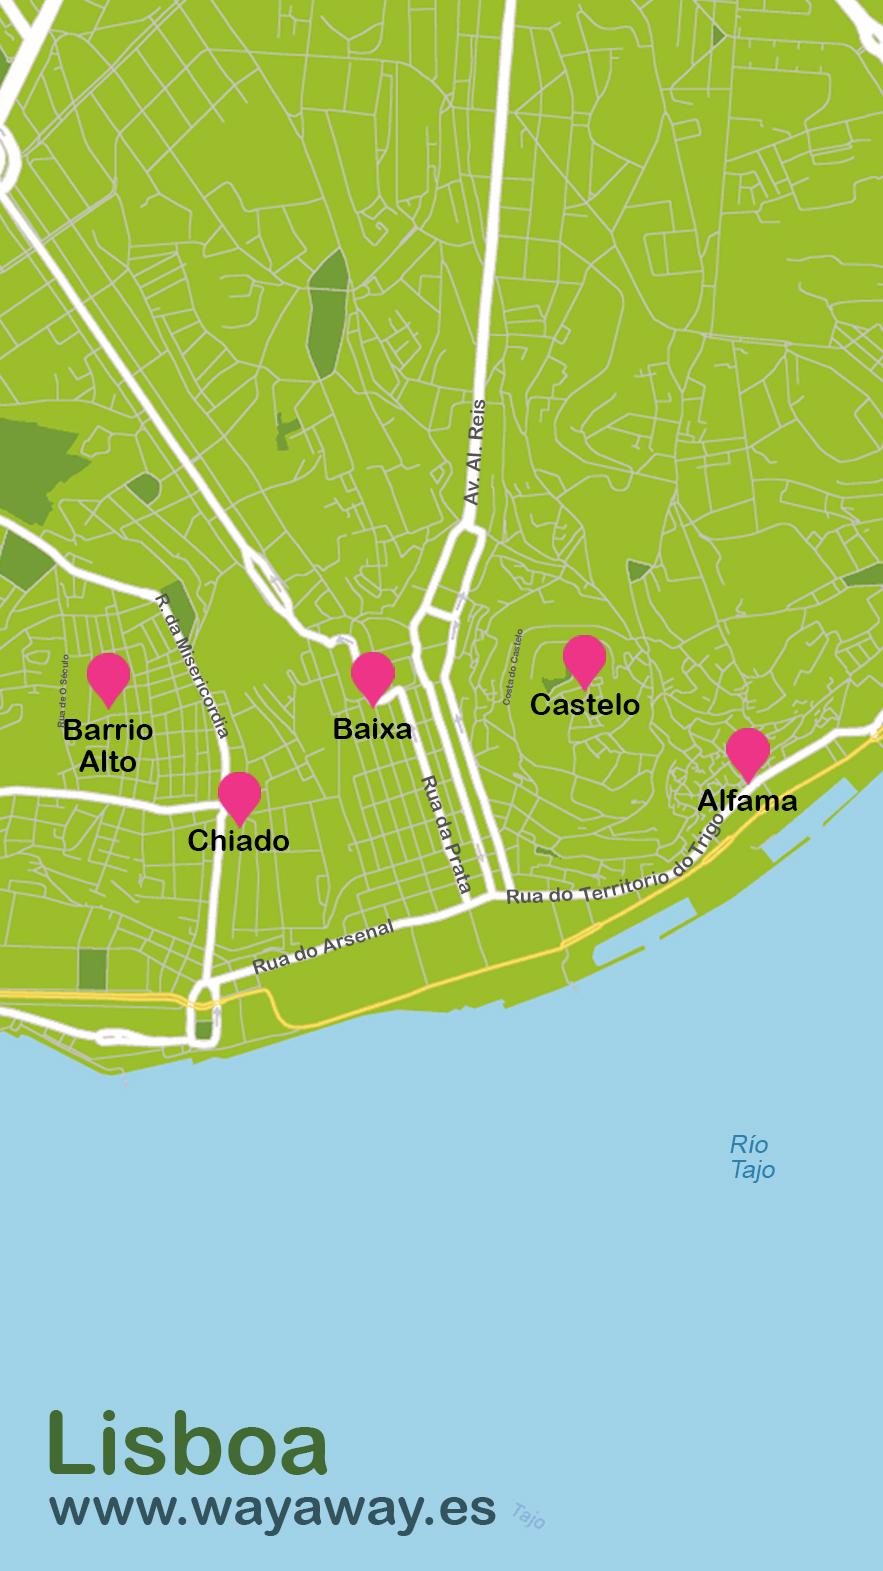 Mapa de Lisboa #onlyes